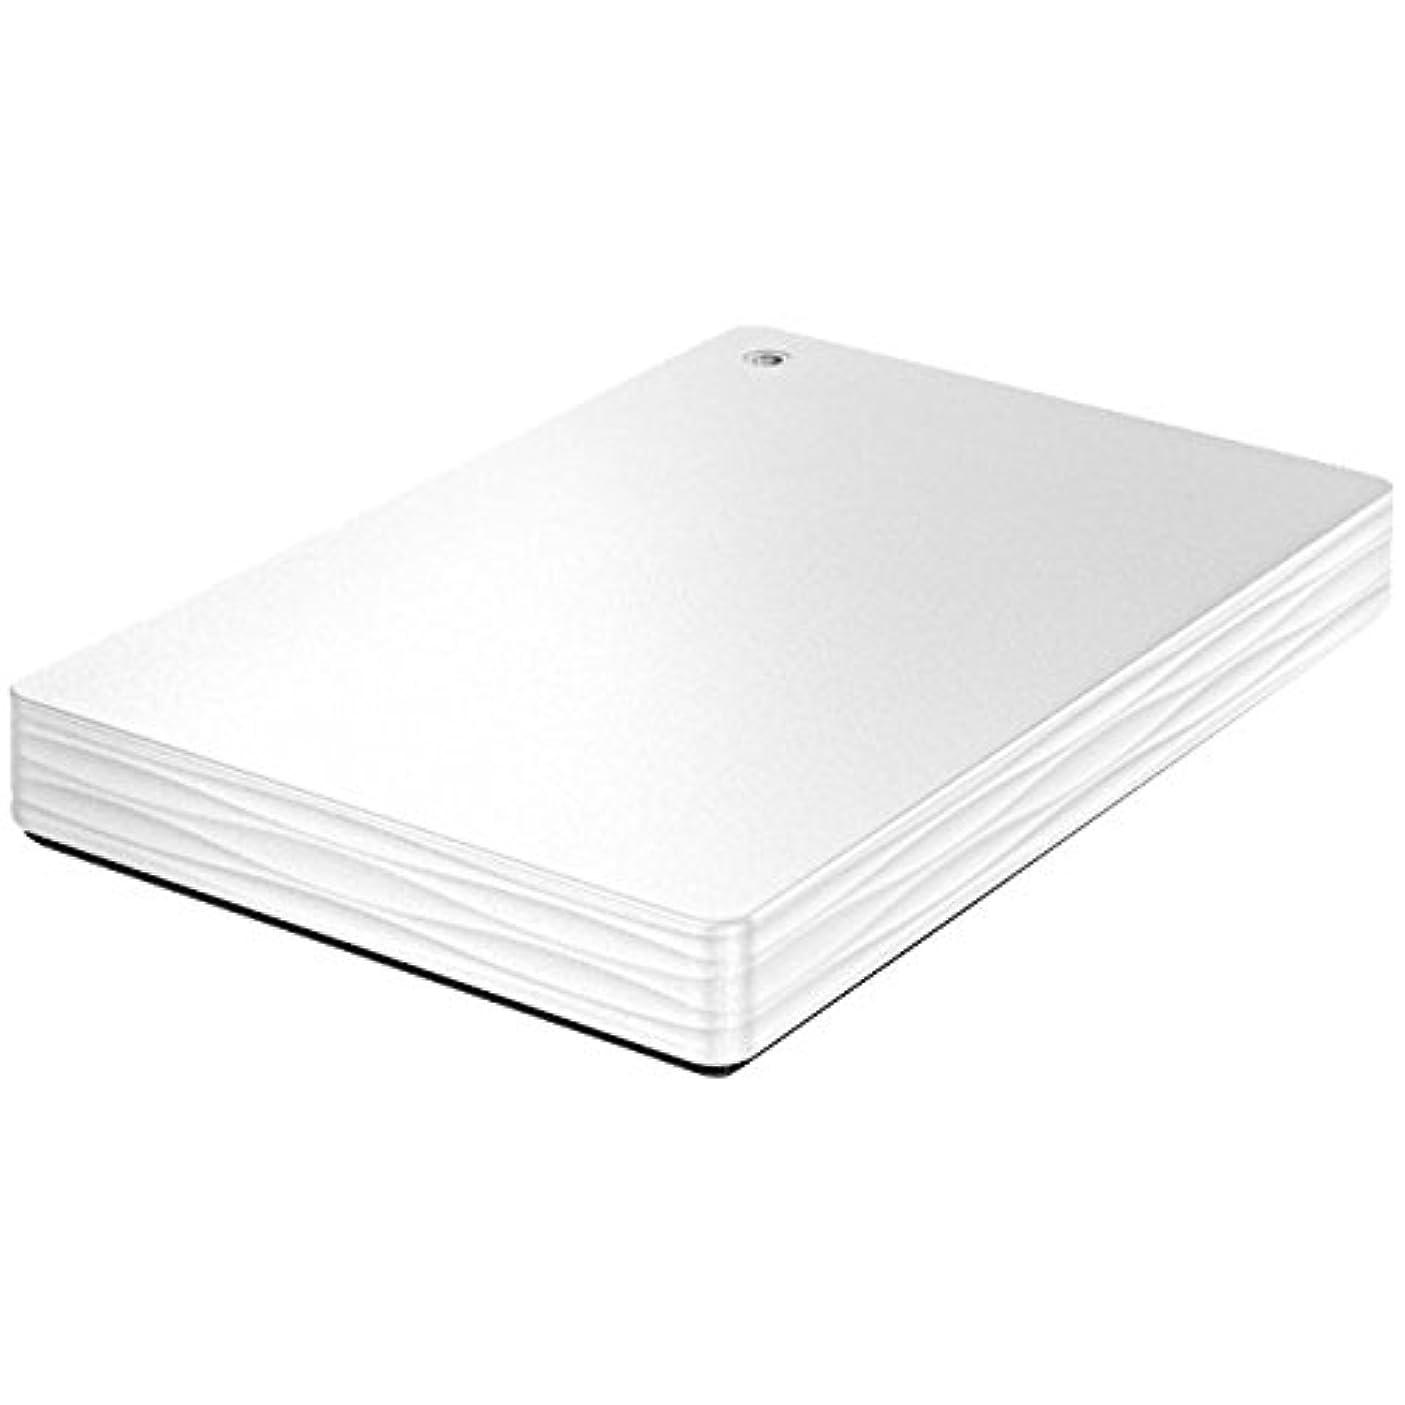 お手伝いさん哲学博士トリムアイ?オー?データ機器 ポータブルHDD「カクうす Lite」500GBホワイト